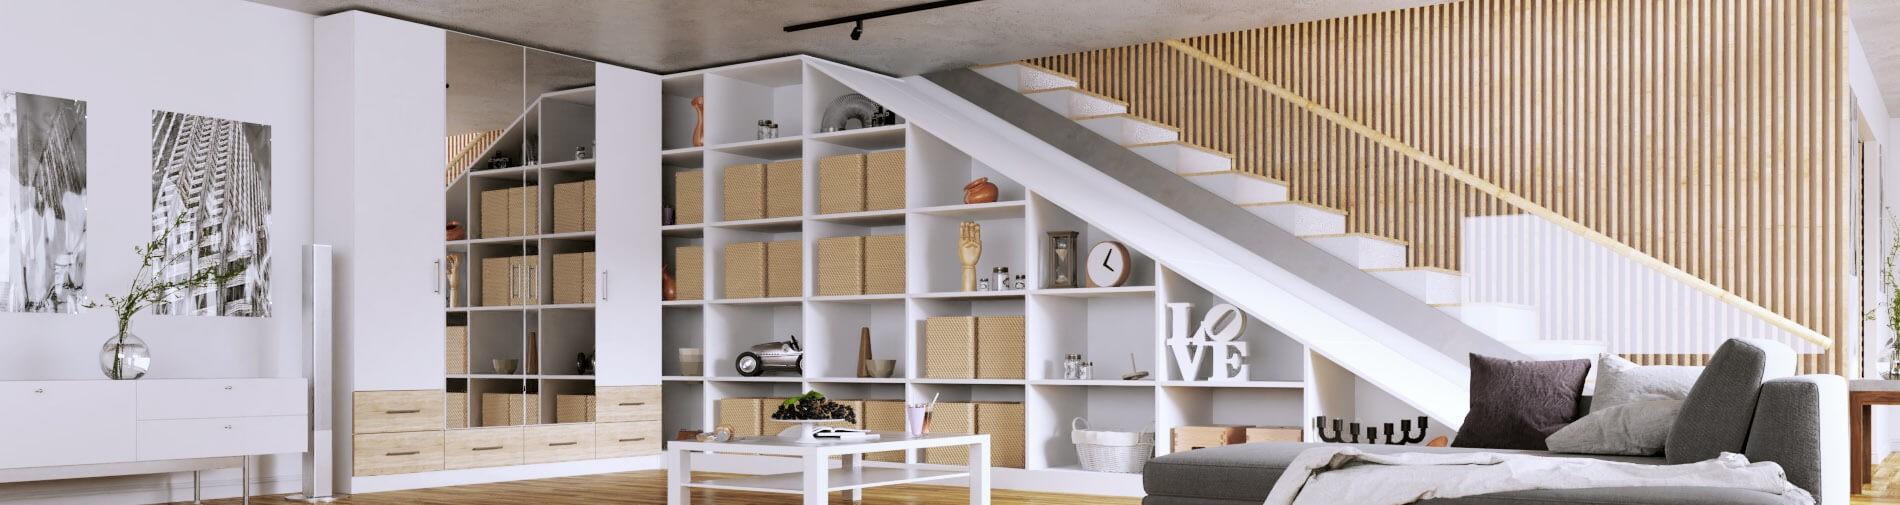 Wohnzimmer Schrank Regal Eck Maßgefertigt